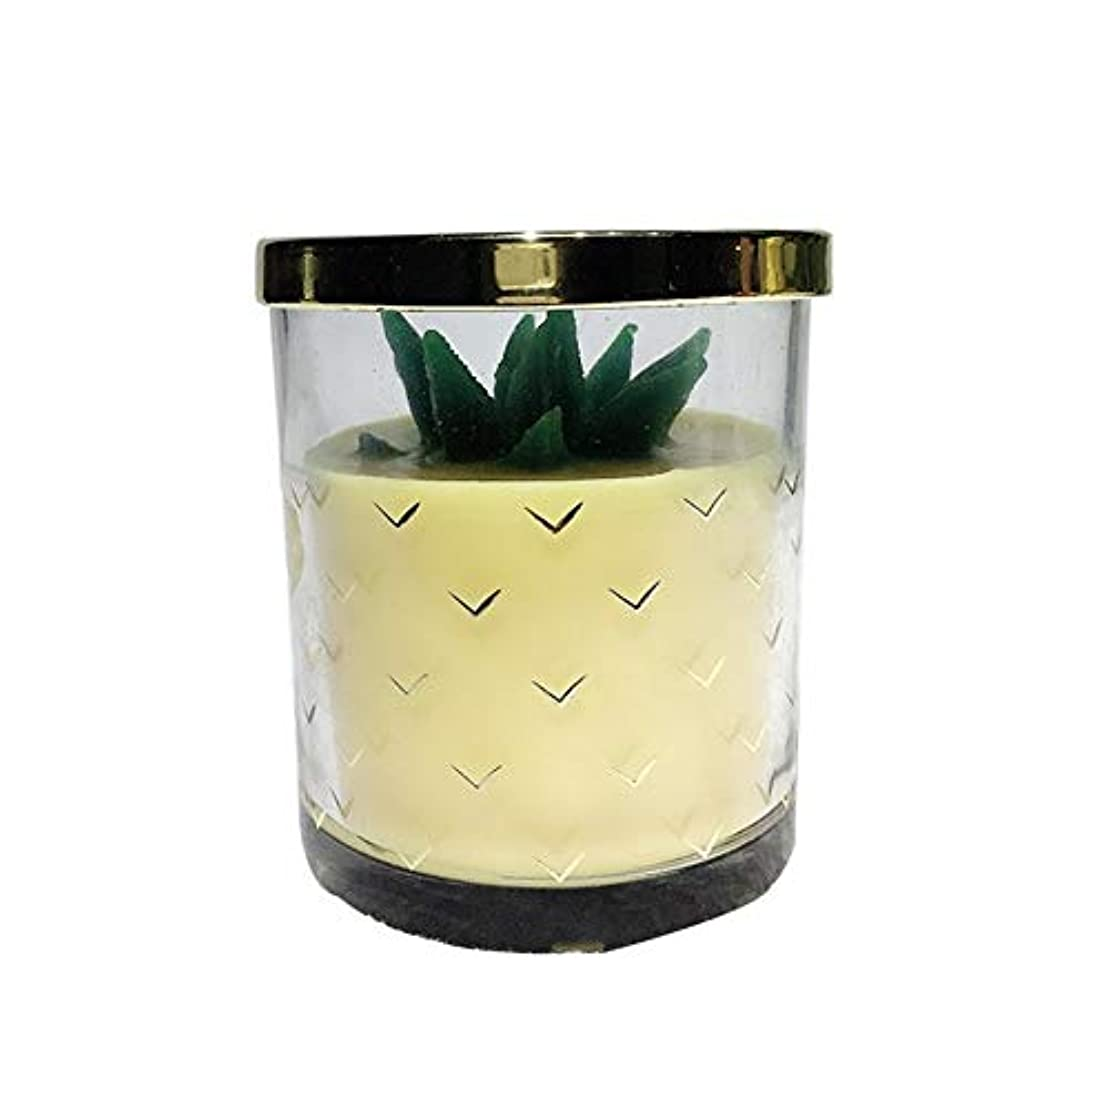 めんどりむさぼり食うペナルティZtian 大豆ワックスフルーツキャンドルバレンタインデークリエイティブギフト (色 : Pineapple)